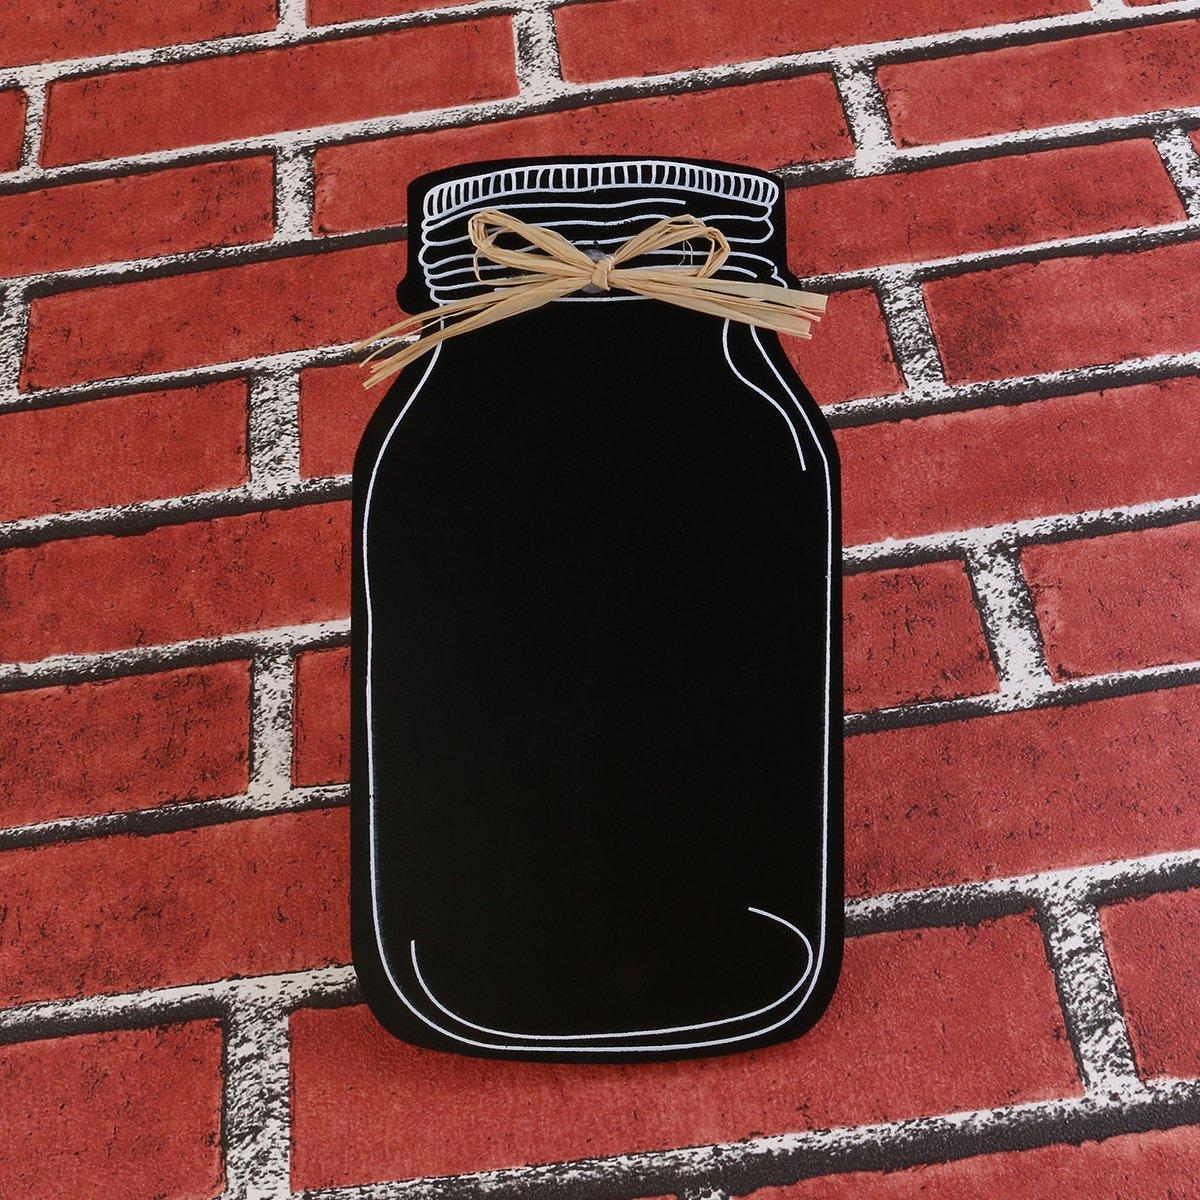 Decoration Memo rosenice tabelle Nero Ardesia decorativo in forma di bottiglia per messaggio Mini tabelle sospesa